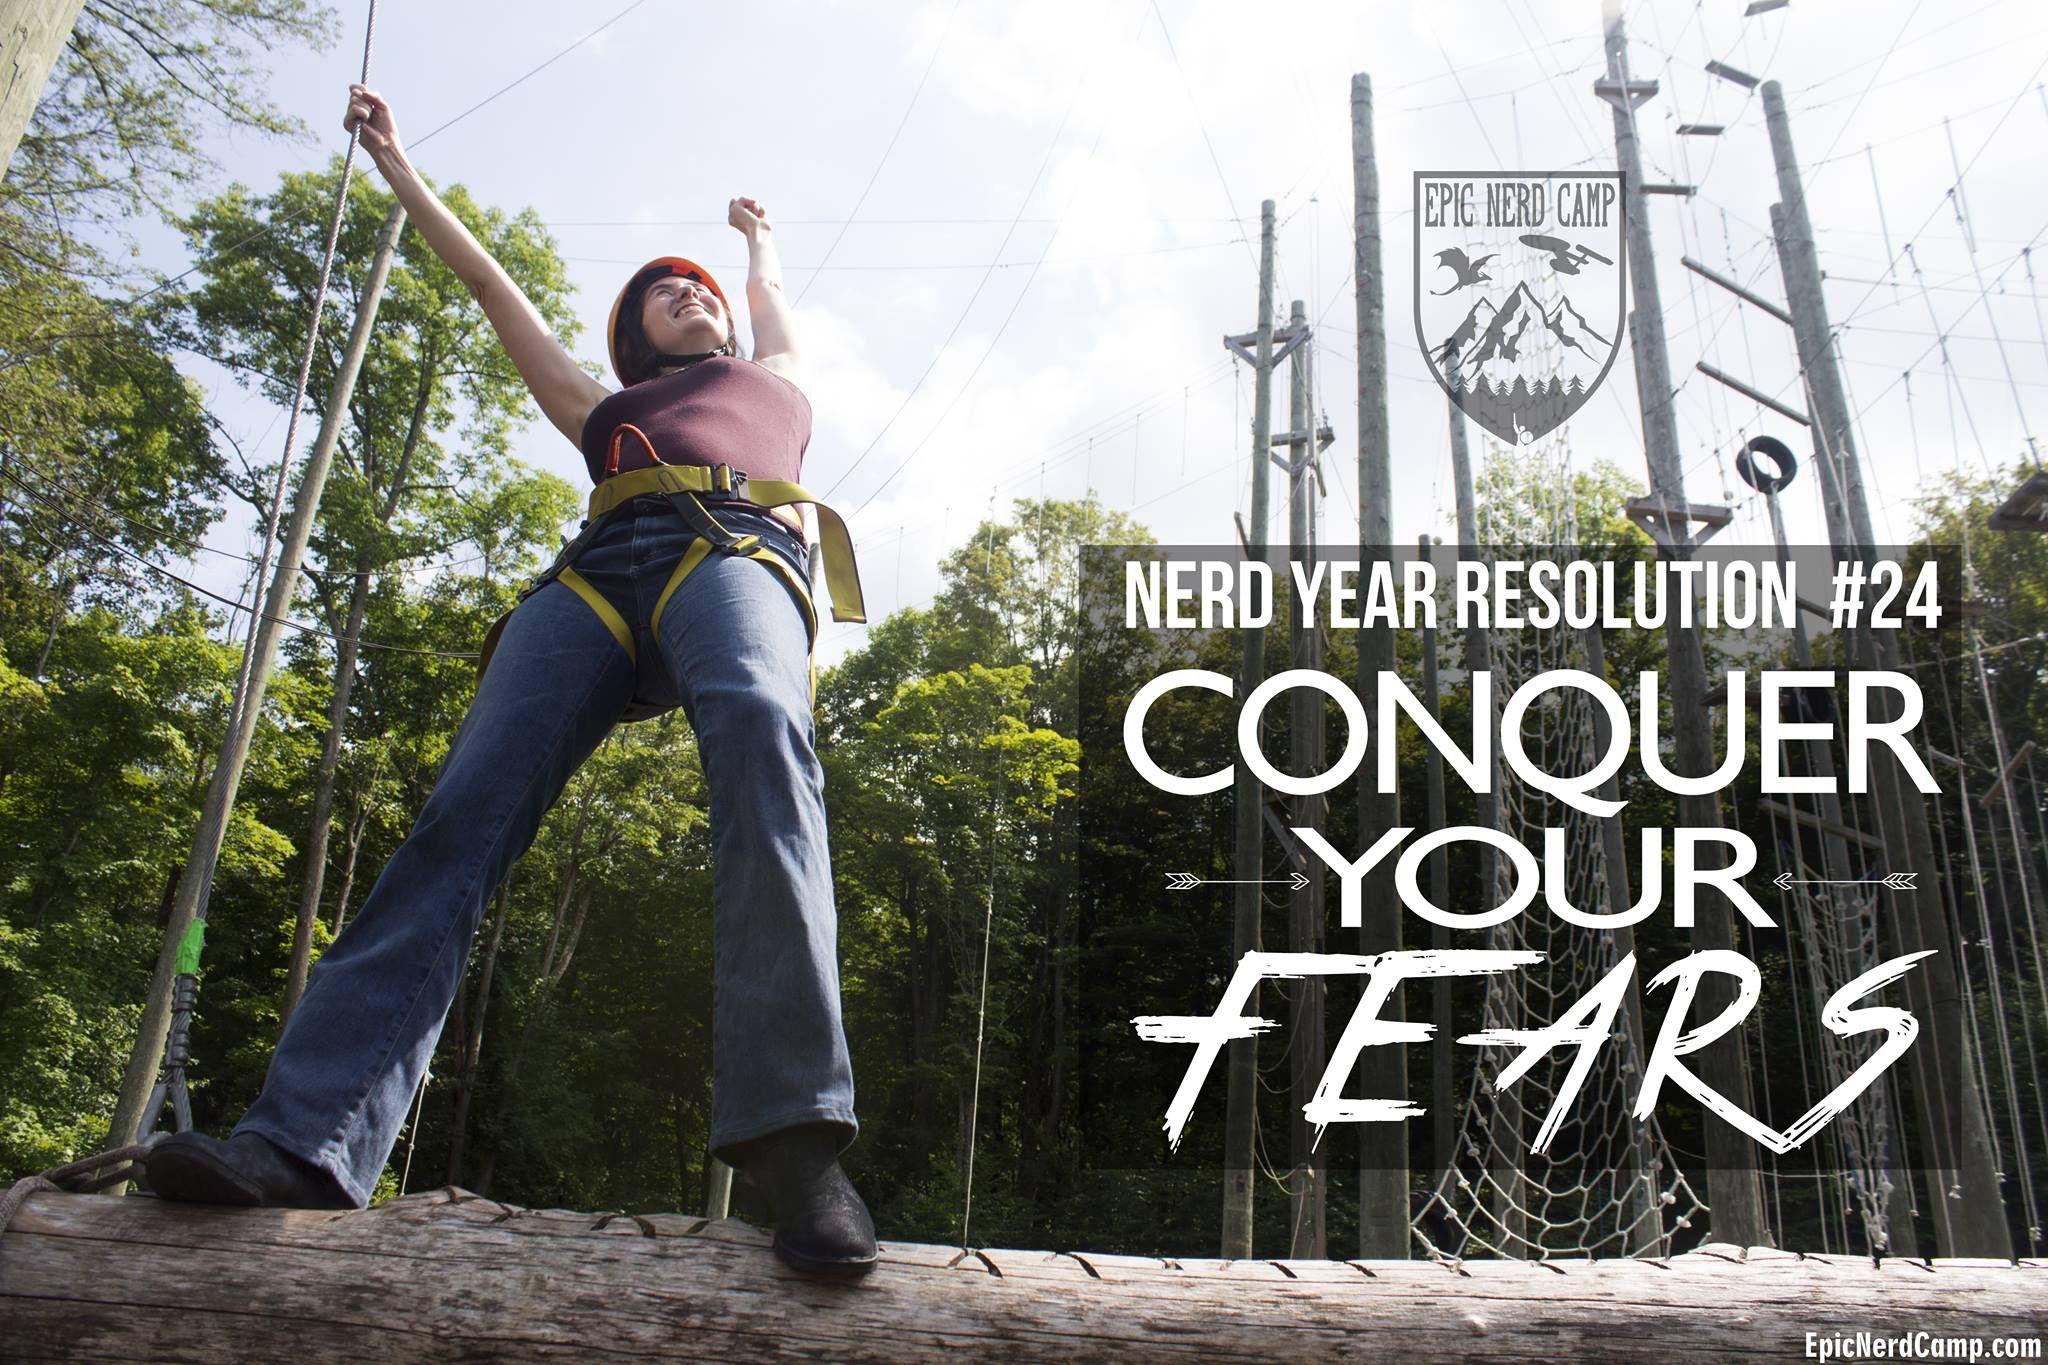 Nerd Year Resolutions Summer Camp For Adults At Epicnerdcamp Com Summertime Rockclimbing Roping Climbingwalls Zipline Geekstu Nerd Sword Fight Zombie Makeup